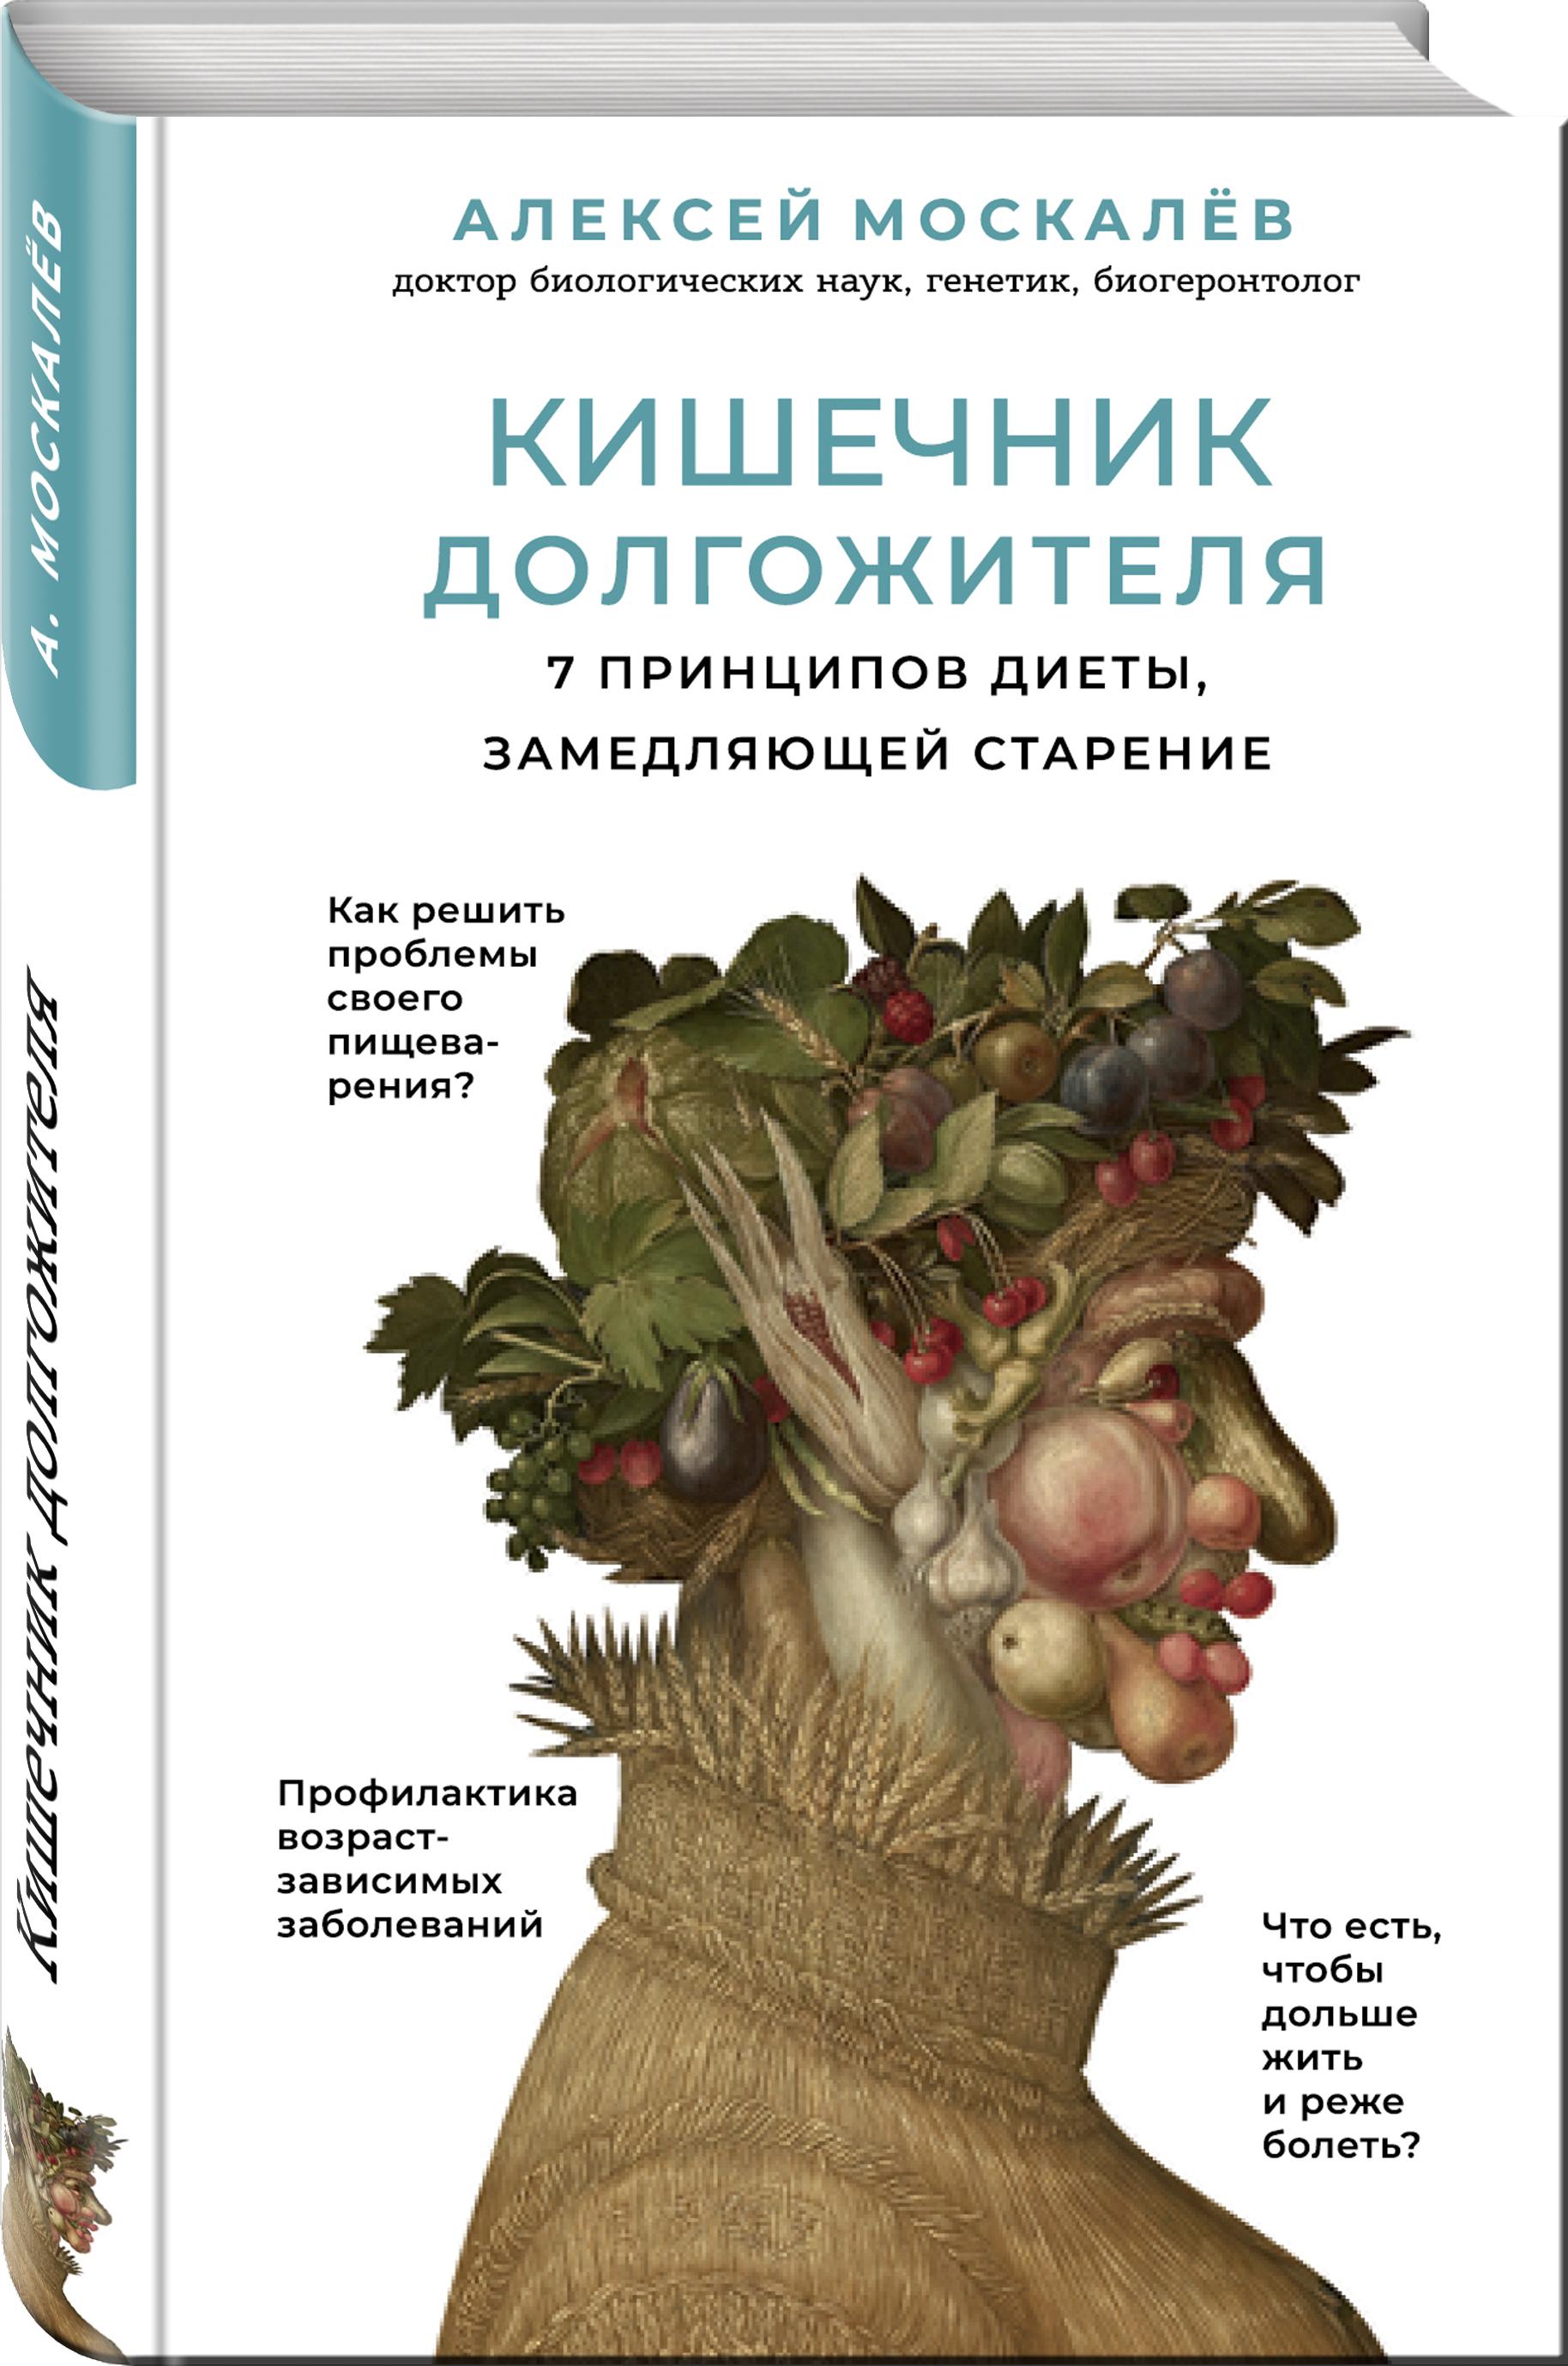 Кишечник долгожителя. 7 принципов диеты, замедляющей старение. 2-е издание (перераб. и доп.) ( Алексей Москалев  )